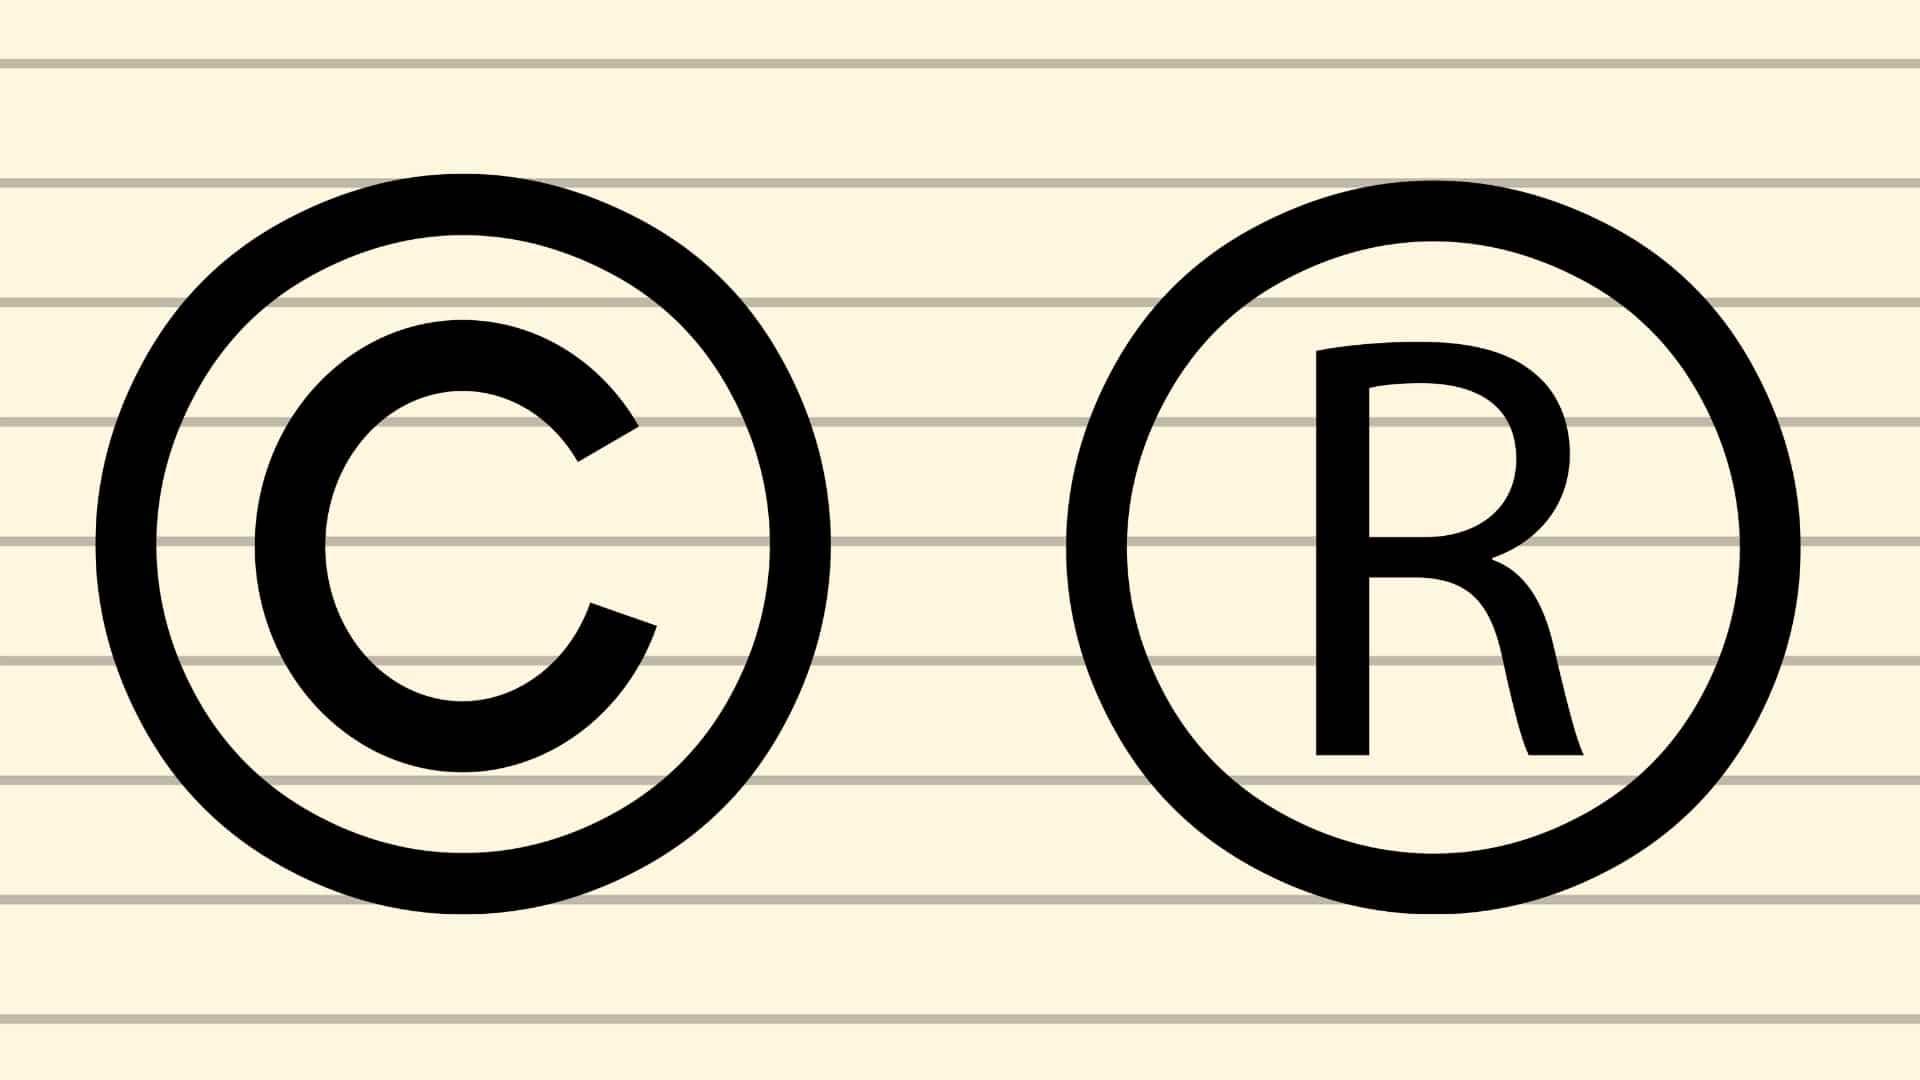 646987f092 Simbolo copyright: che cos'è e come si inserisce da tastiera